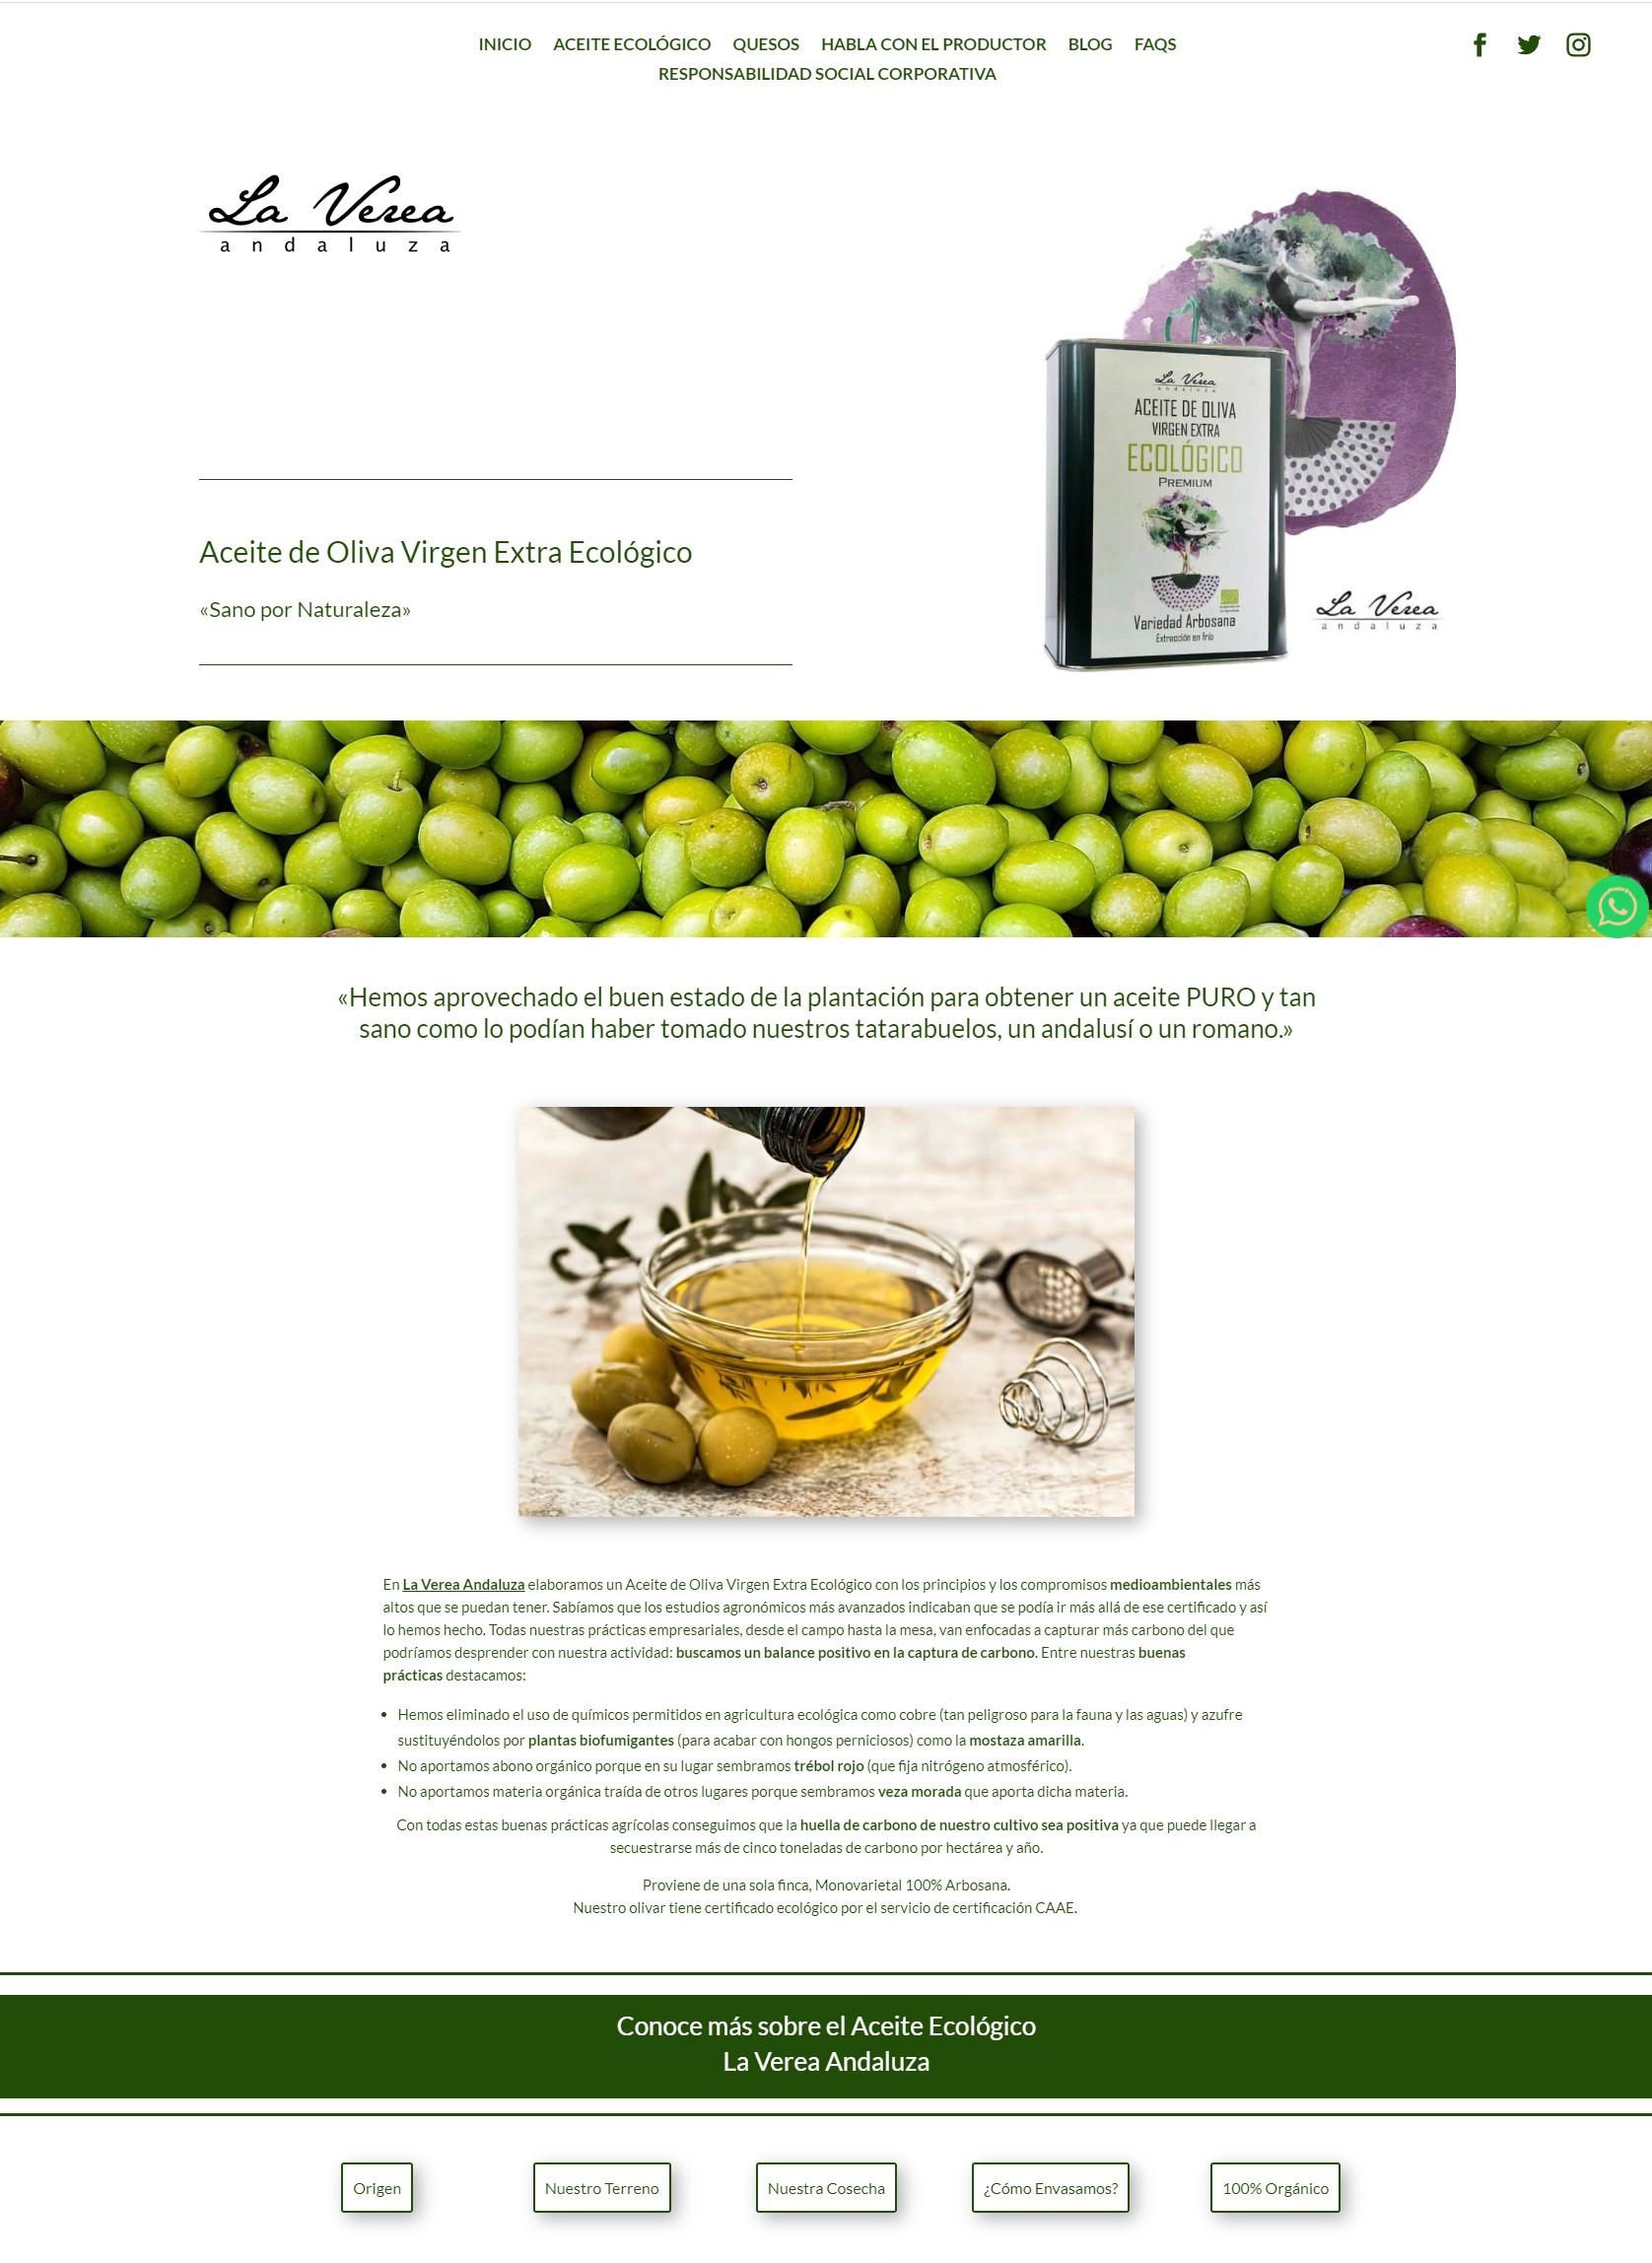 Diseño Web para Productor de Aceite Ecológico